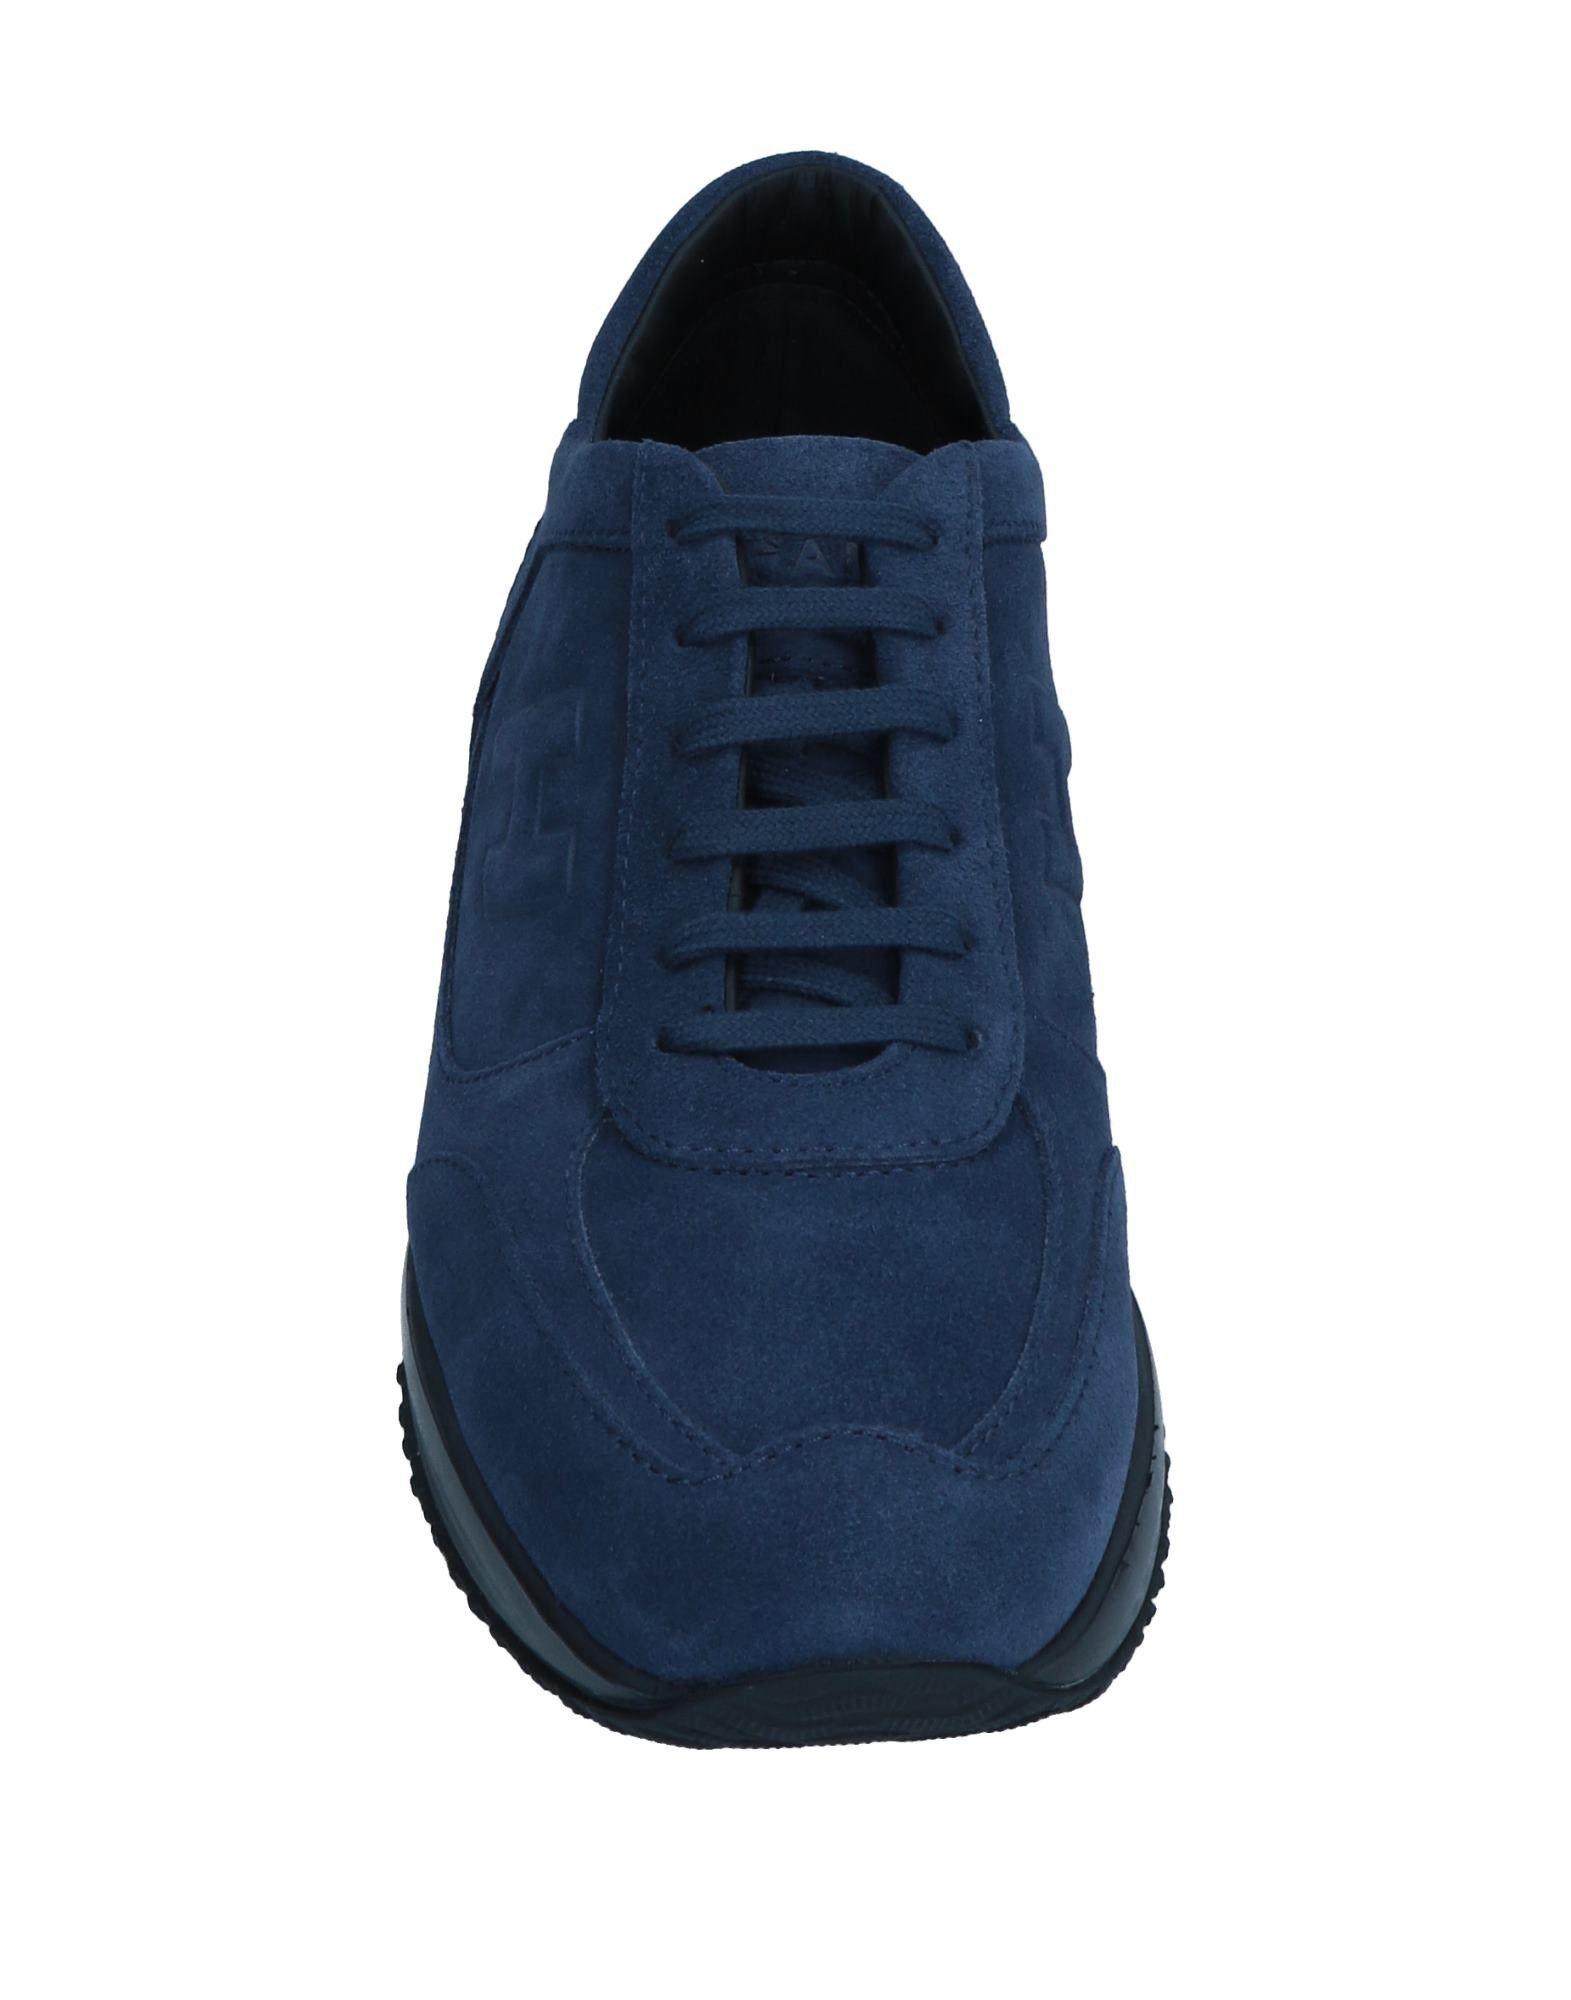 Hogan Sneakers Herren Qualität  11548712VW Gute Qualität Herren beliebte Schuhe 4e7a48